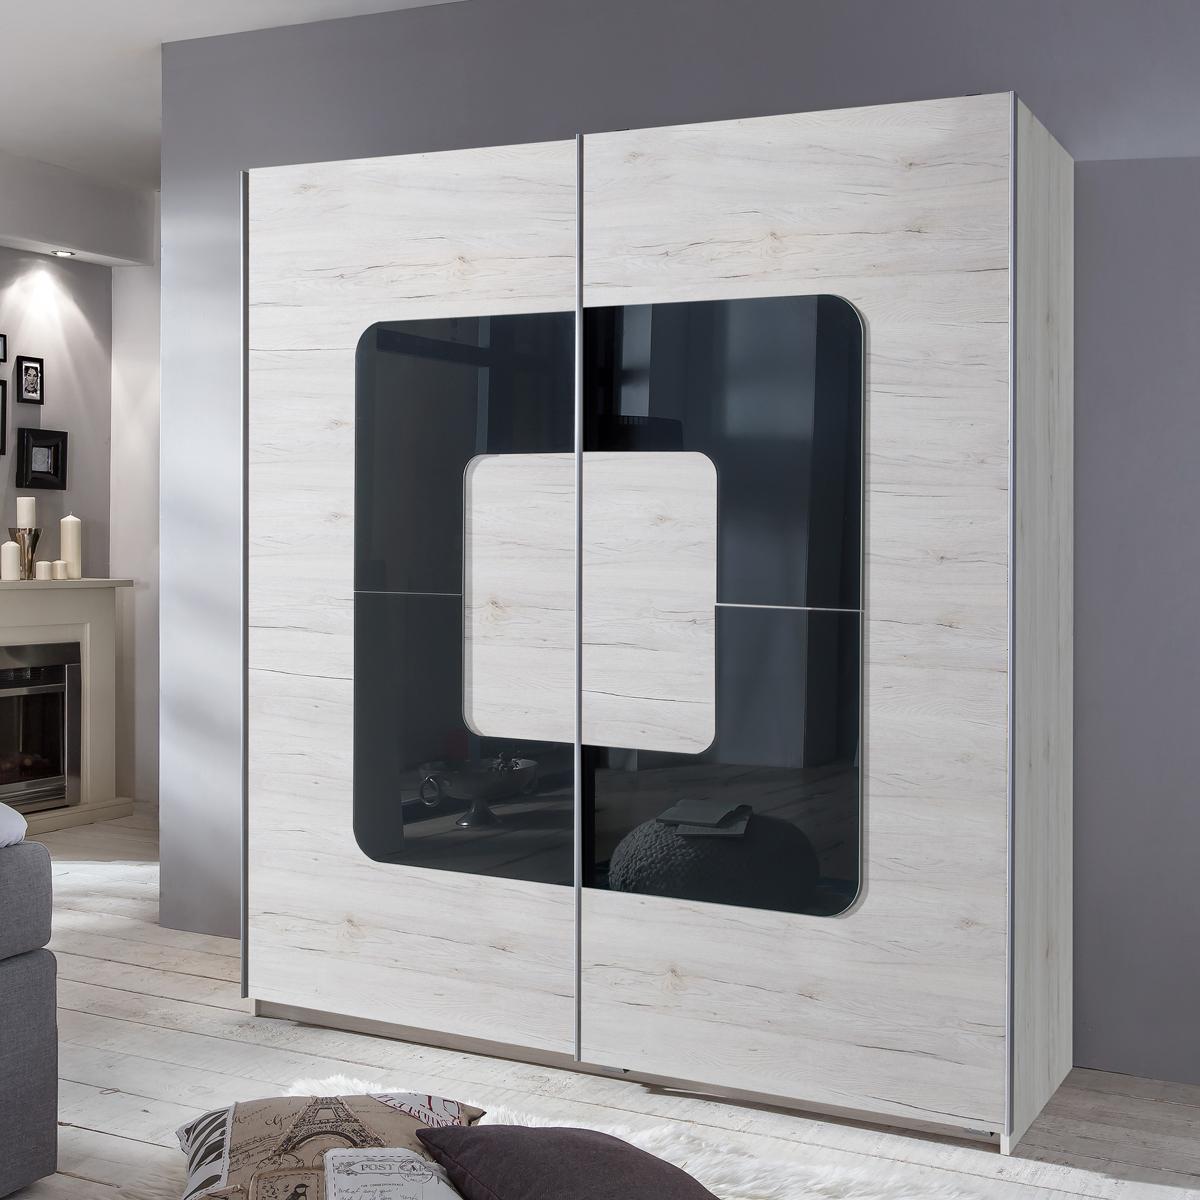 kleiderschrank curve schwebet renschrank wei eiche abs glas grey 180 cm ebay. Black Bedroom Furniture Sets. Home Design Ideas